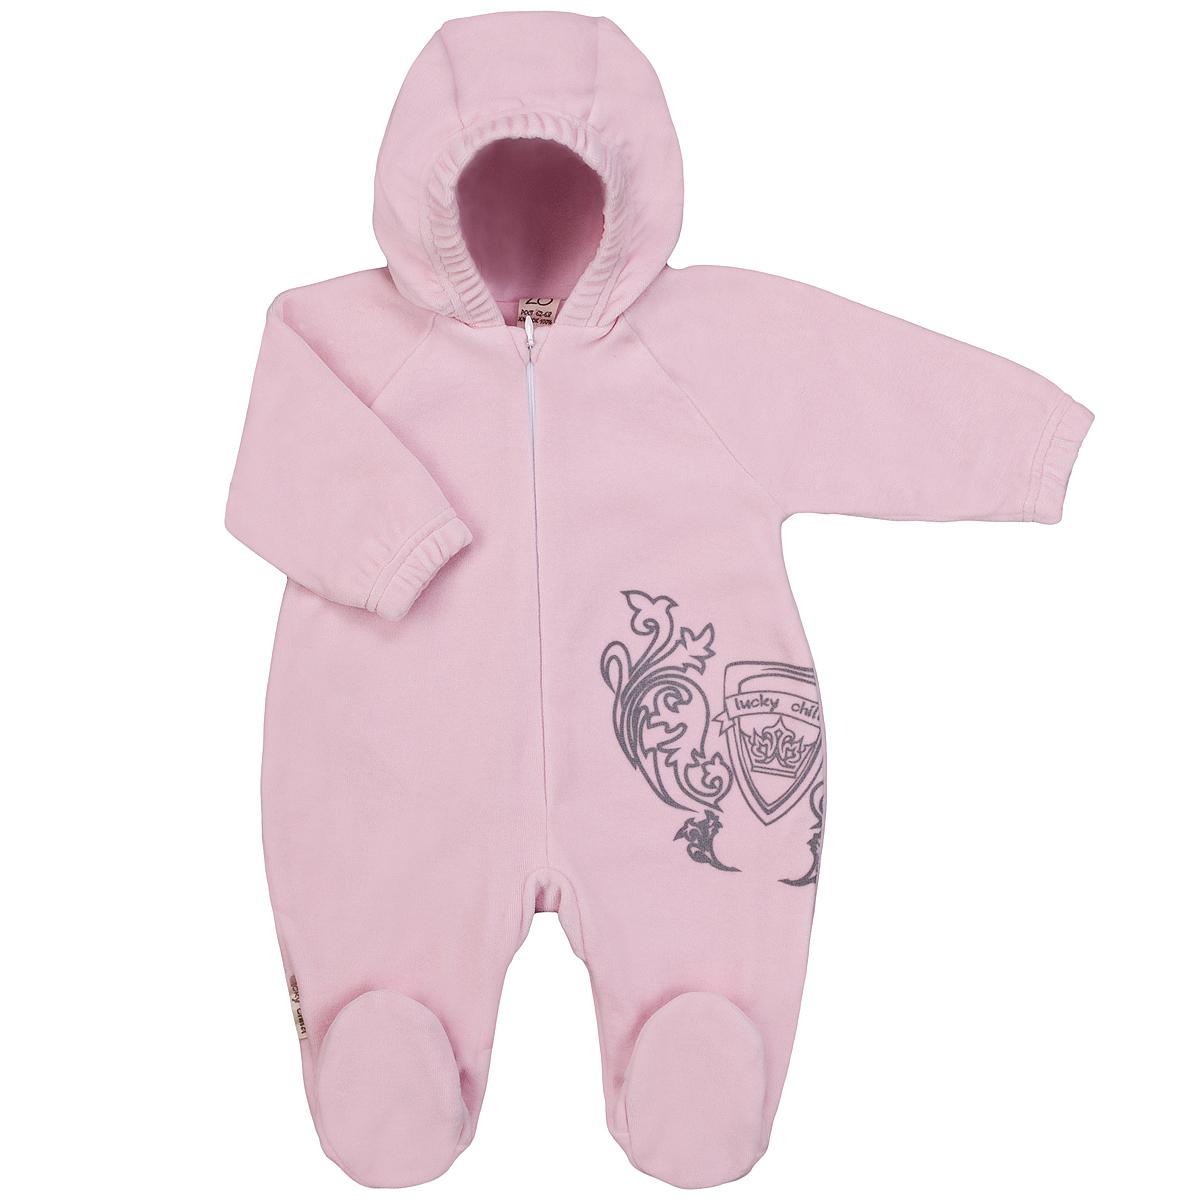 Комбинезон домашний5-4Детский комбинезон с капюшоном Lucky Child - очень удобный и практичный вид одежды для малышей. Комбинезон выполнен из велюра на подкладке из натурального хлопка, благодаря чему он необычайно мягкий и приятный на ощупь, не раздражают нежную кожу ребенка и хорошо вентилируются, а эластичные швы приятны телу малышки и не препятствуют ее движениям. Комбинезон с длинными рукавами-реглан и закрытыми ножками по центру имеет потайную застежку-молнию, которая помогает легко переодеть младенца или сменить подгузник. Спереди он оформлен оригинальным принтом в виде логотипа бренда. Рукава понизу дополнены неширокими эластичными манжетами, которые мягко обхватывают запястья. С детским комбинезоном Lucky Child спинка и ножки вашего малыша всегда будут в тепле. Комбинезон полностью соответствует особенностям жизни младенца в ранний период, не стесняя и не ограничивая его в движениях!